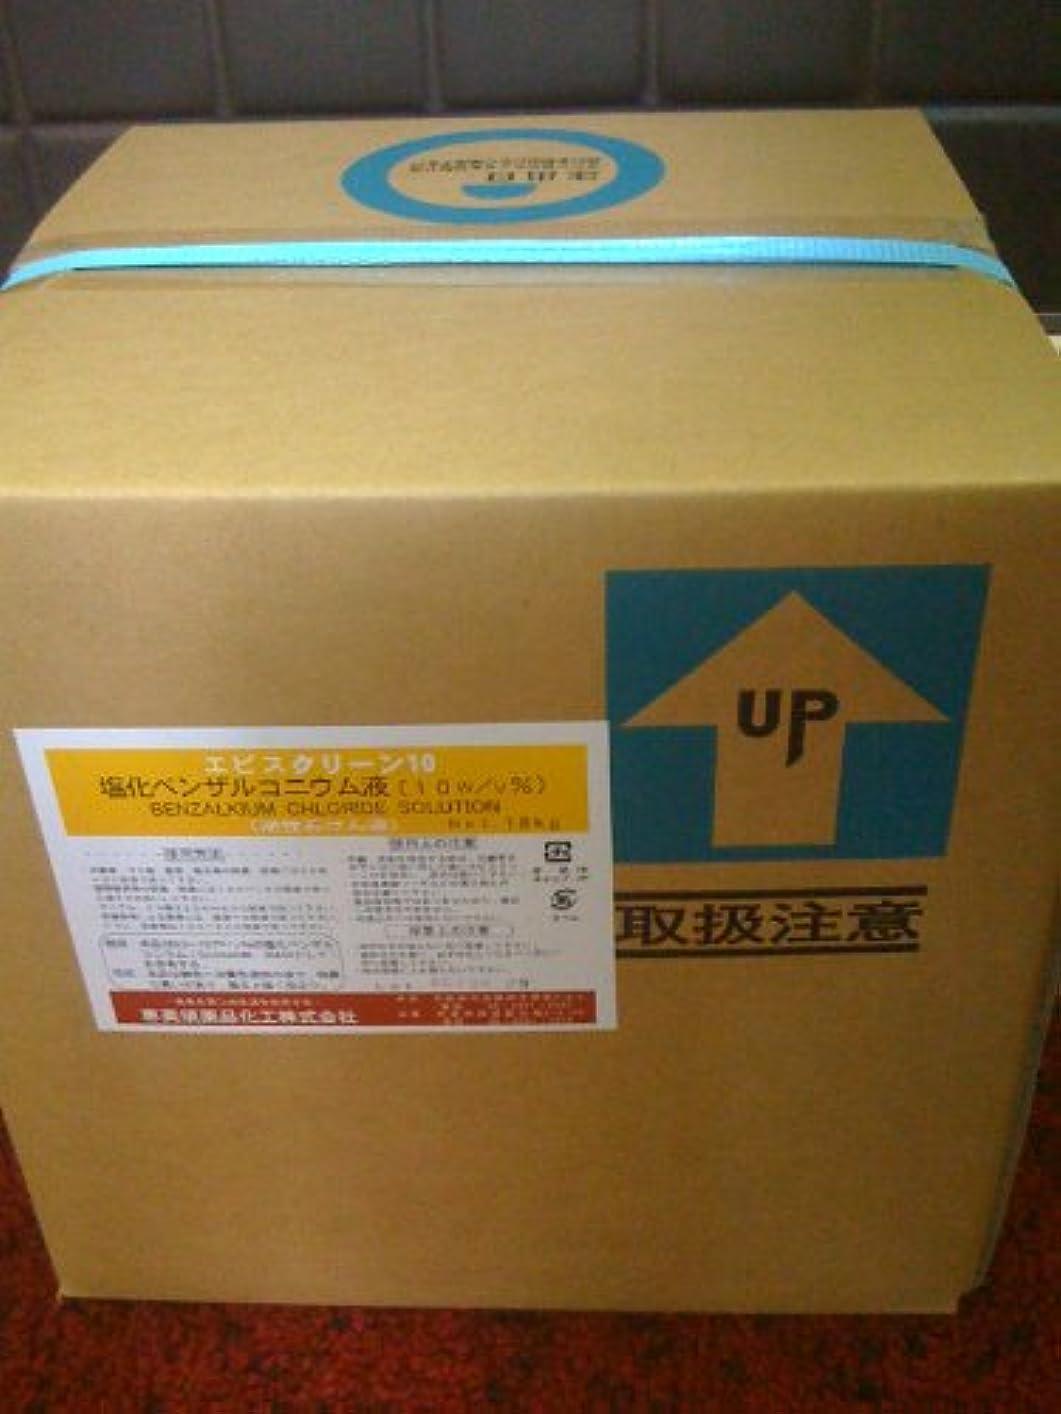 登場通信網デッドロック塩化ベンザルコニウム液 18kg 10w/v% エビスクリーン10